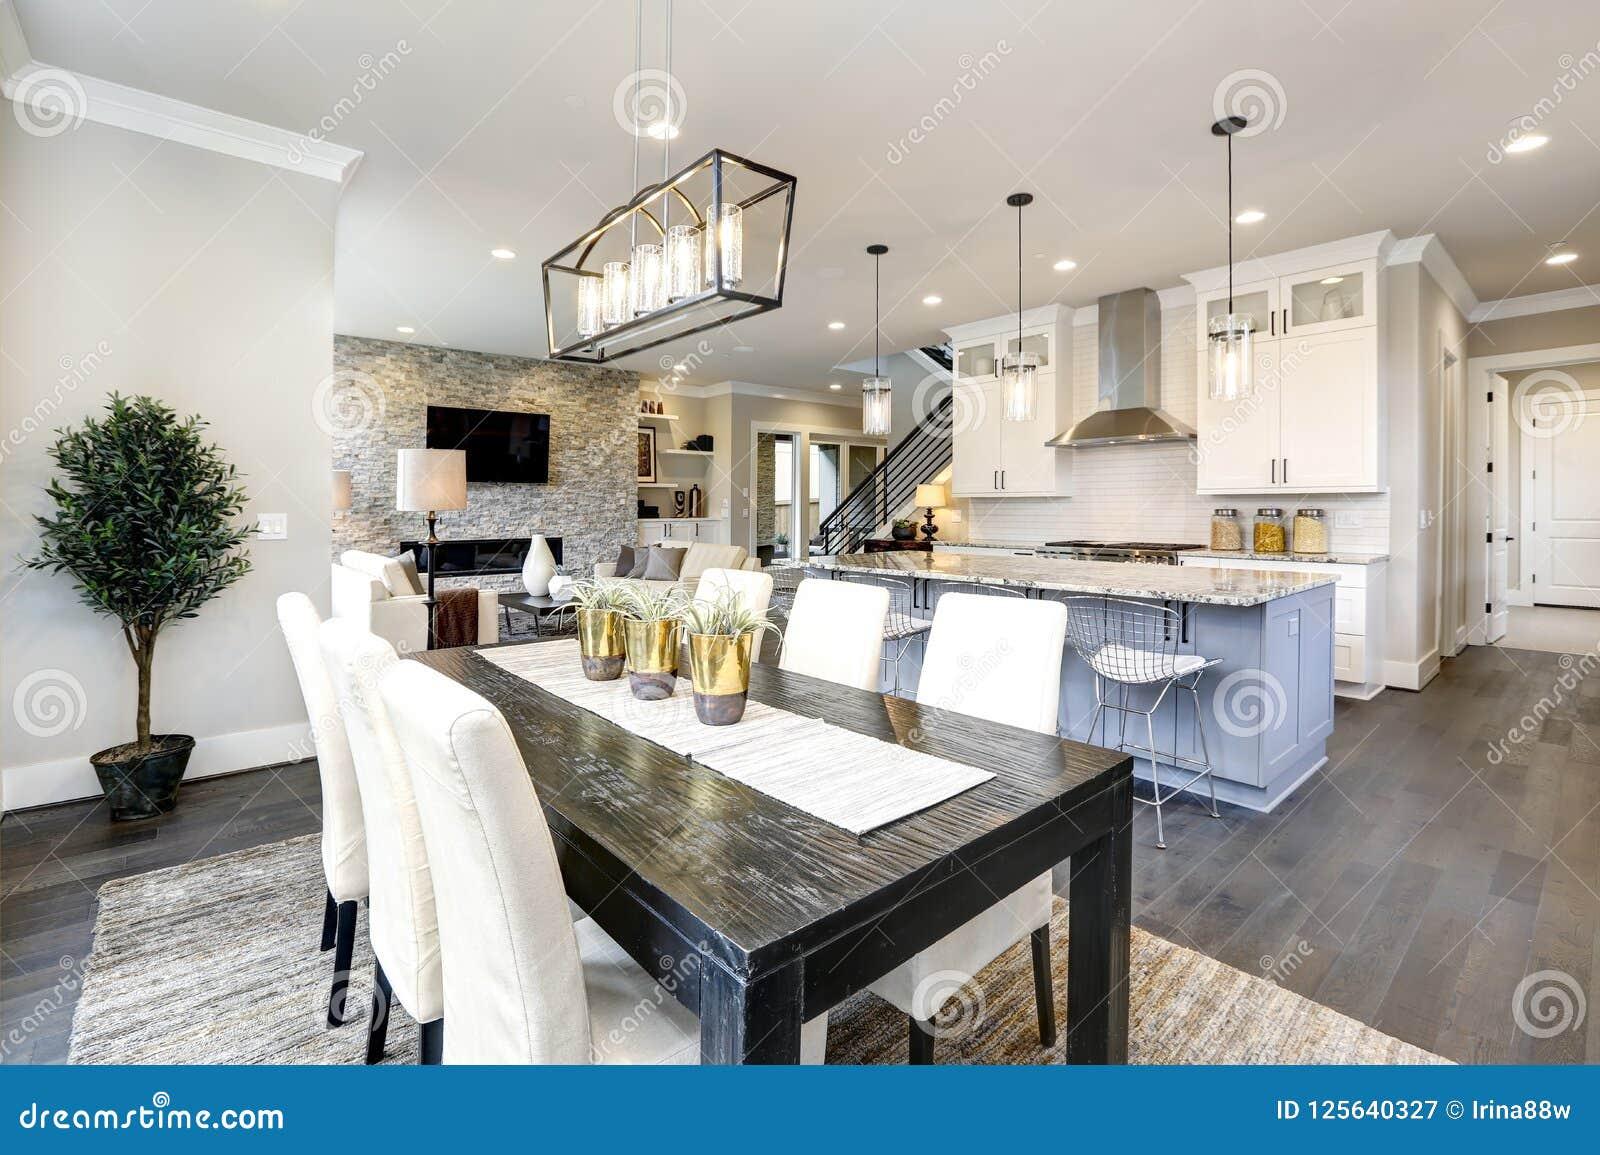 Cozinha bonita no interior home contemporâneo moderno luxuoso com ilha e cadeiras